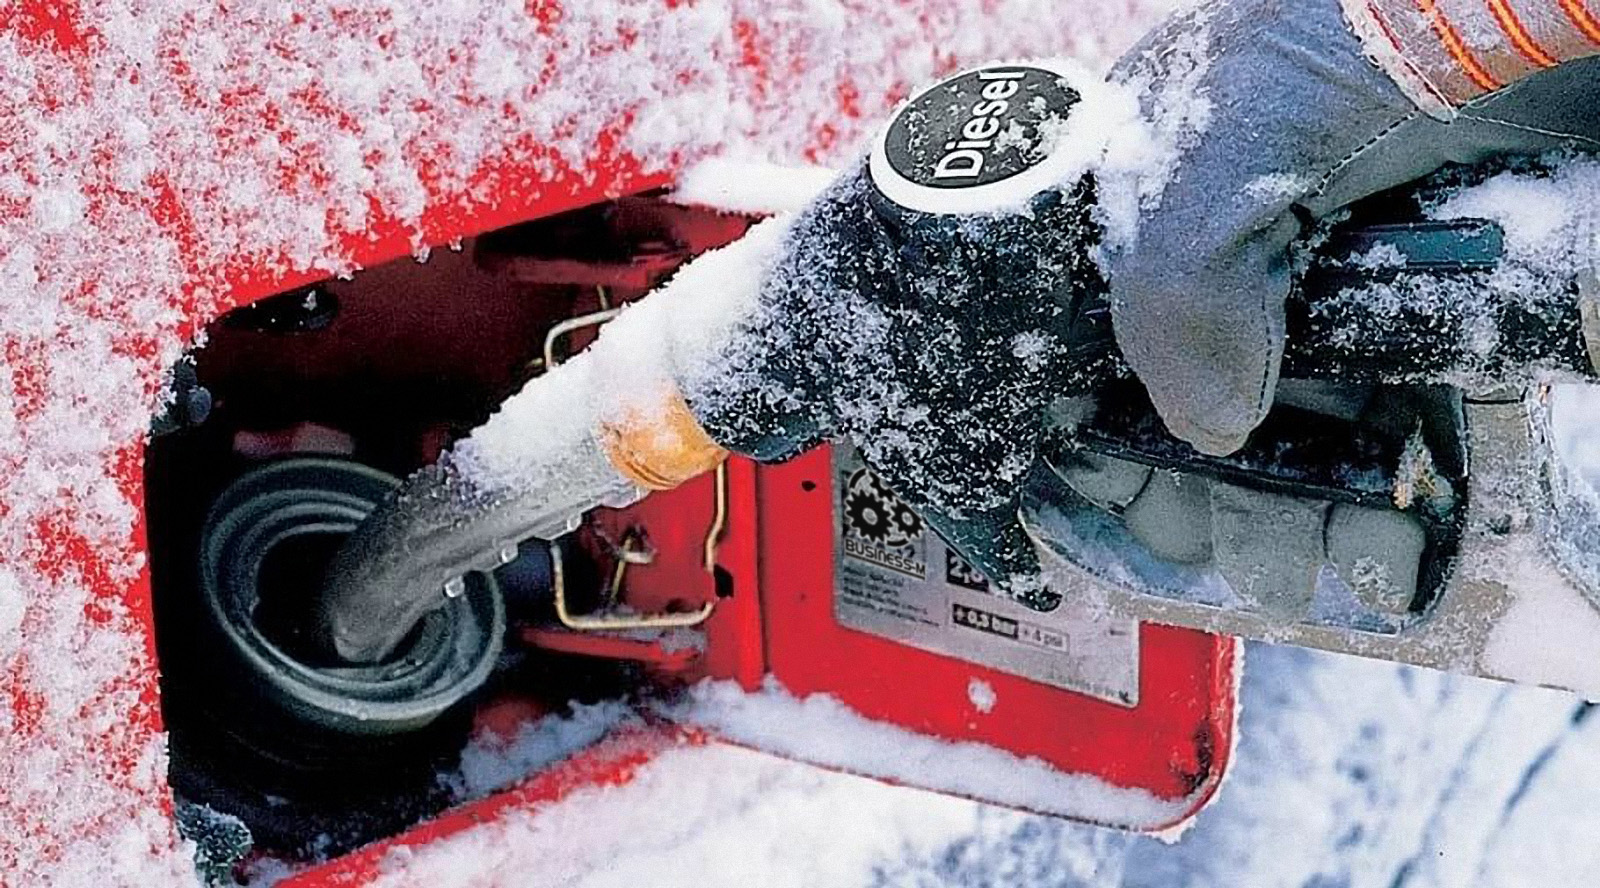 Из-за чего дизельное топливо замерзает зимой